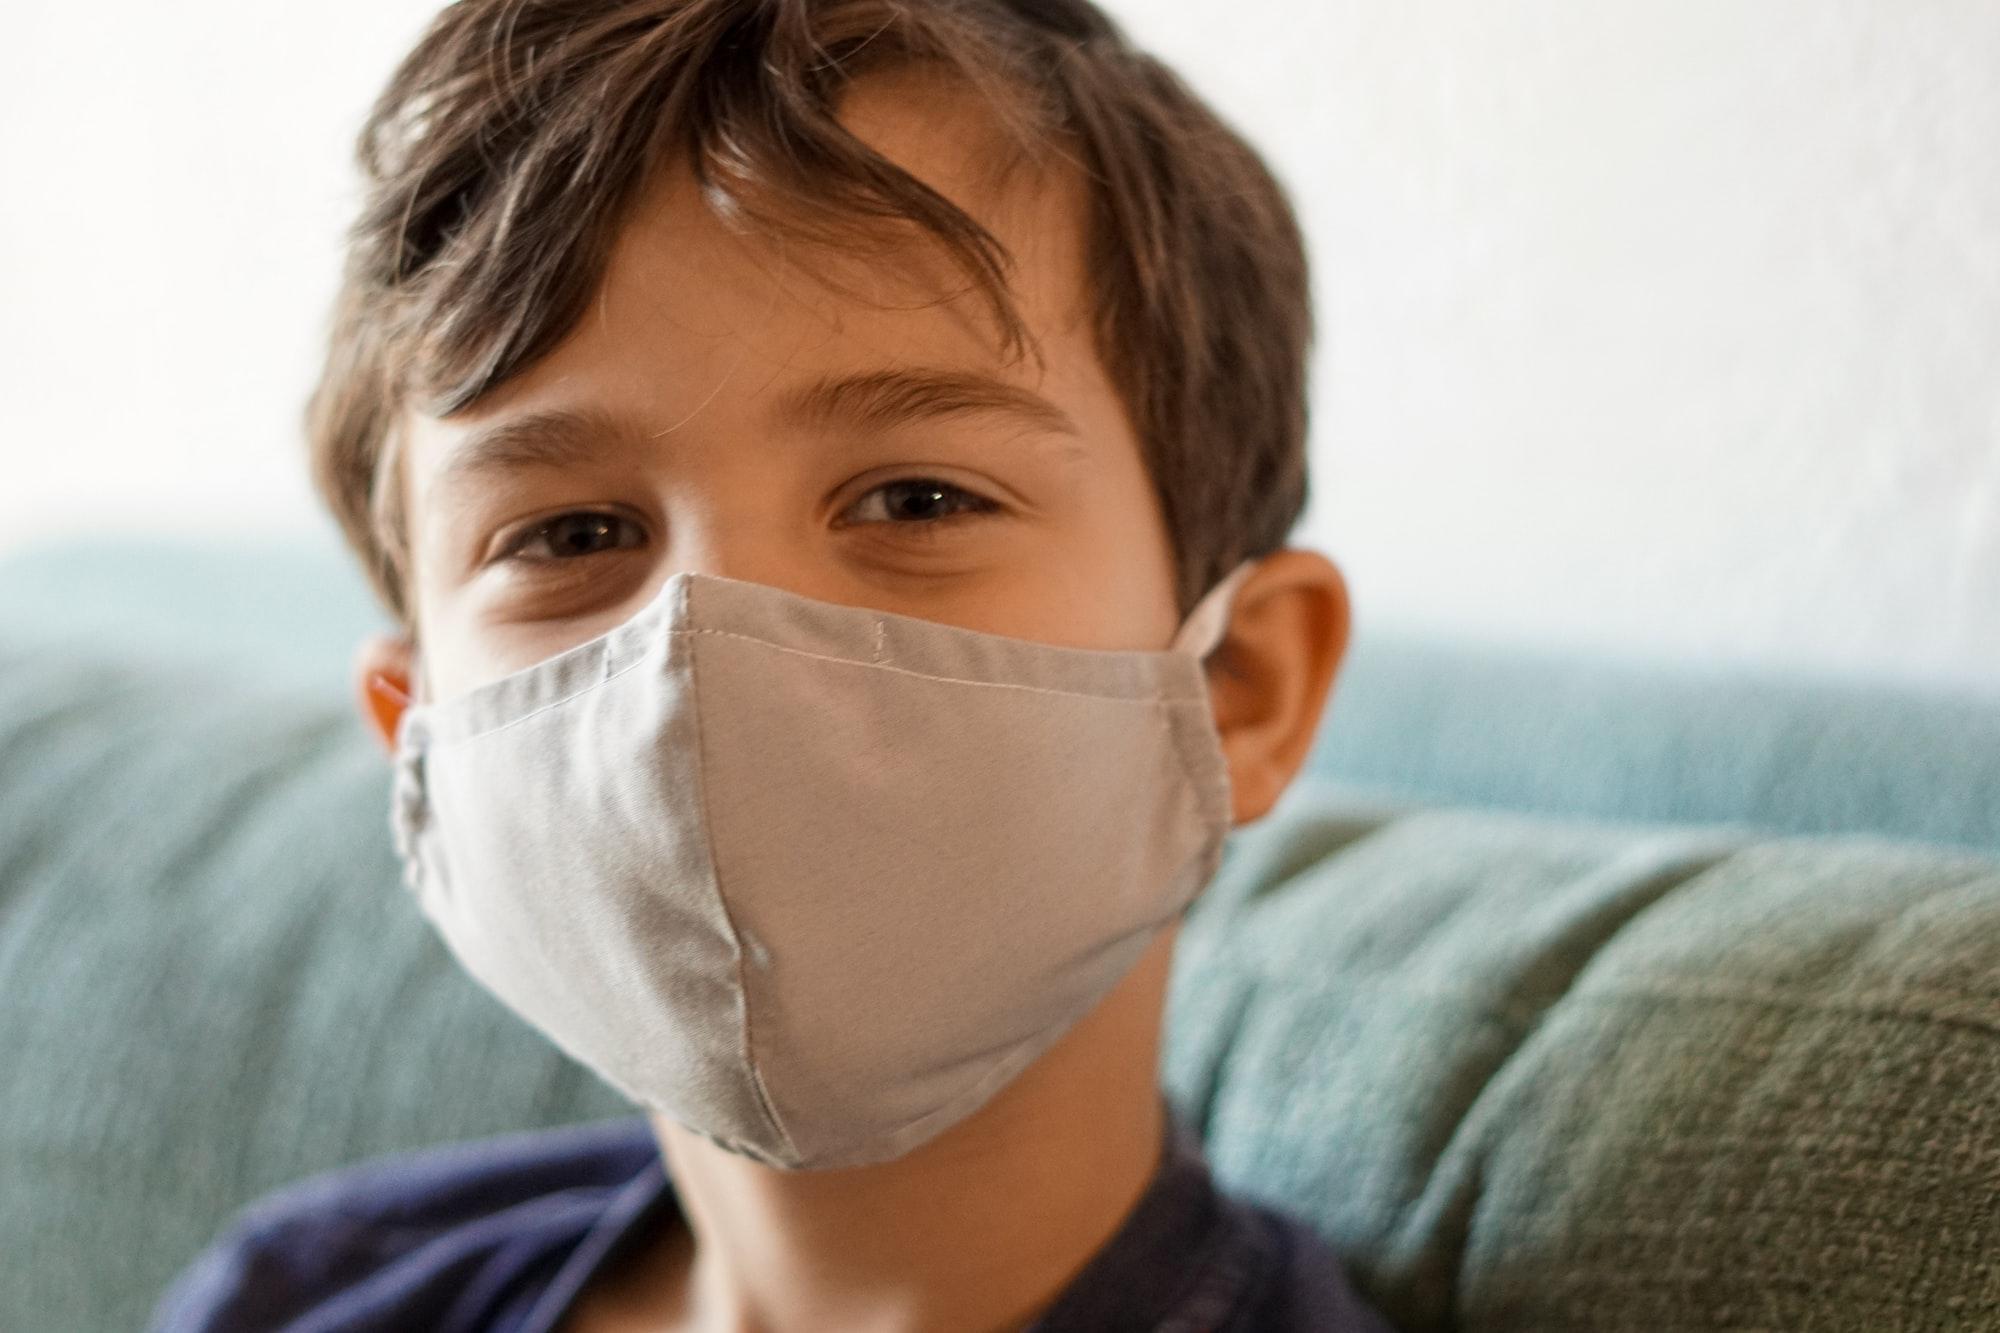 菲沙卫生局报告外泄:学生间病毒传播率达到52.5%